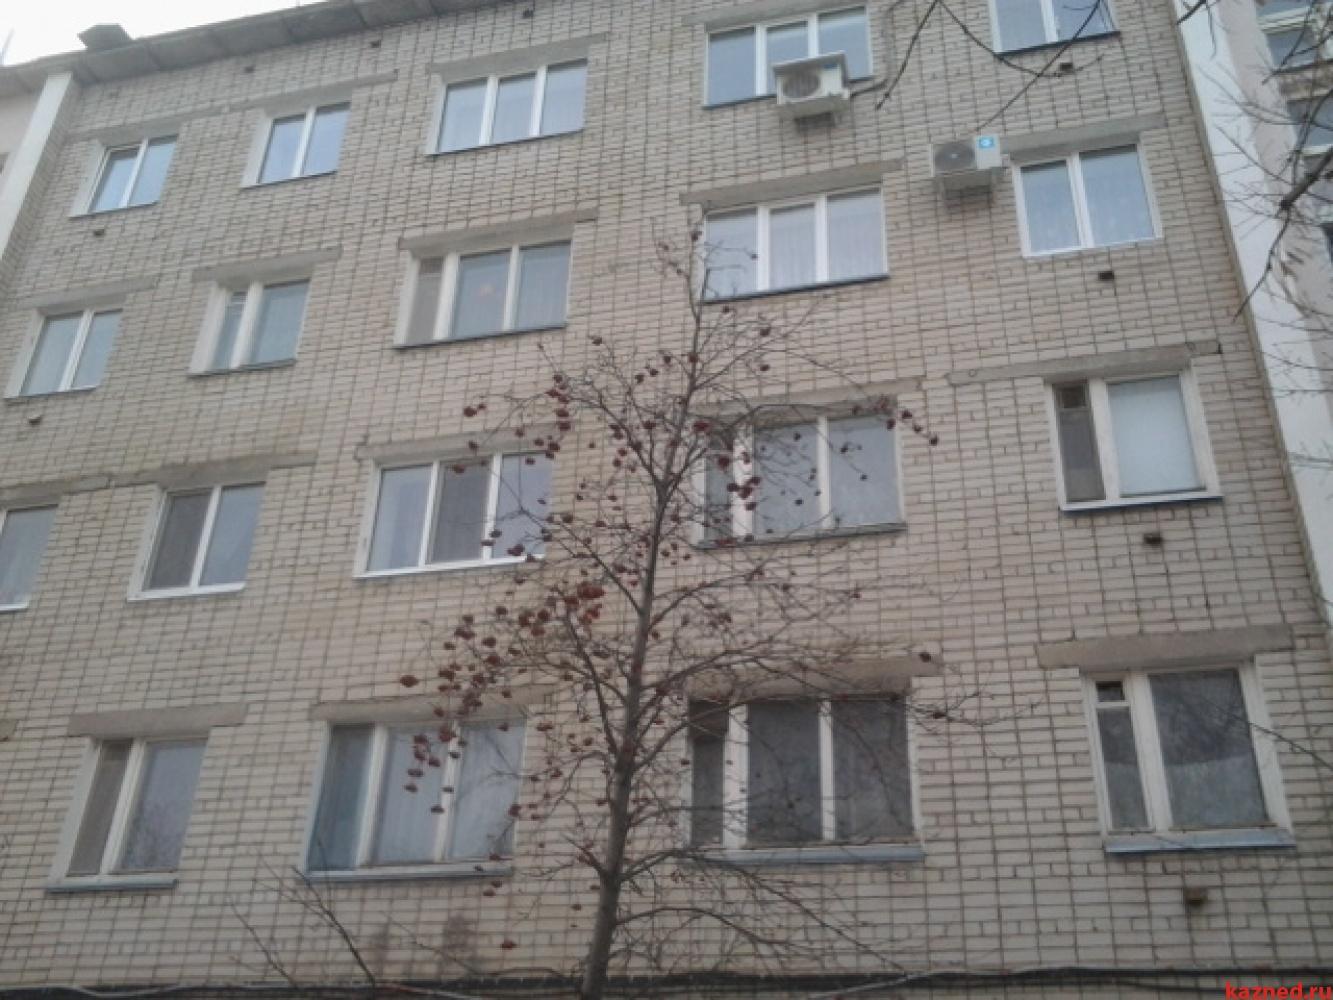 Продажа 2-к квартиры Авангардная,167А, 47 м²  (миниатюра №1)